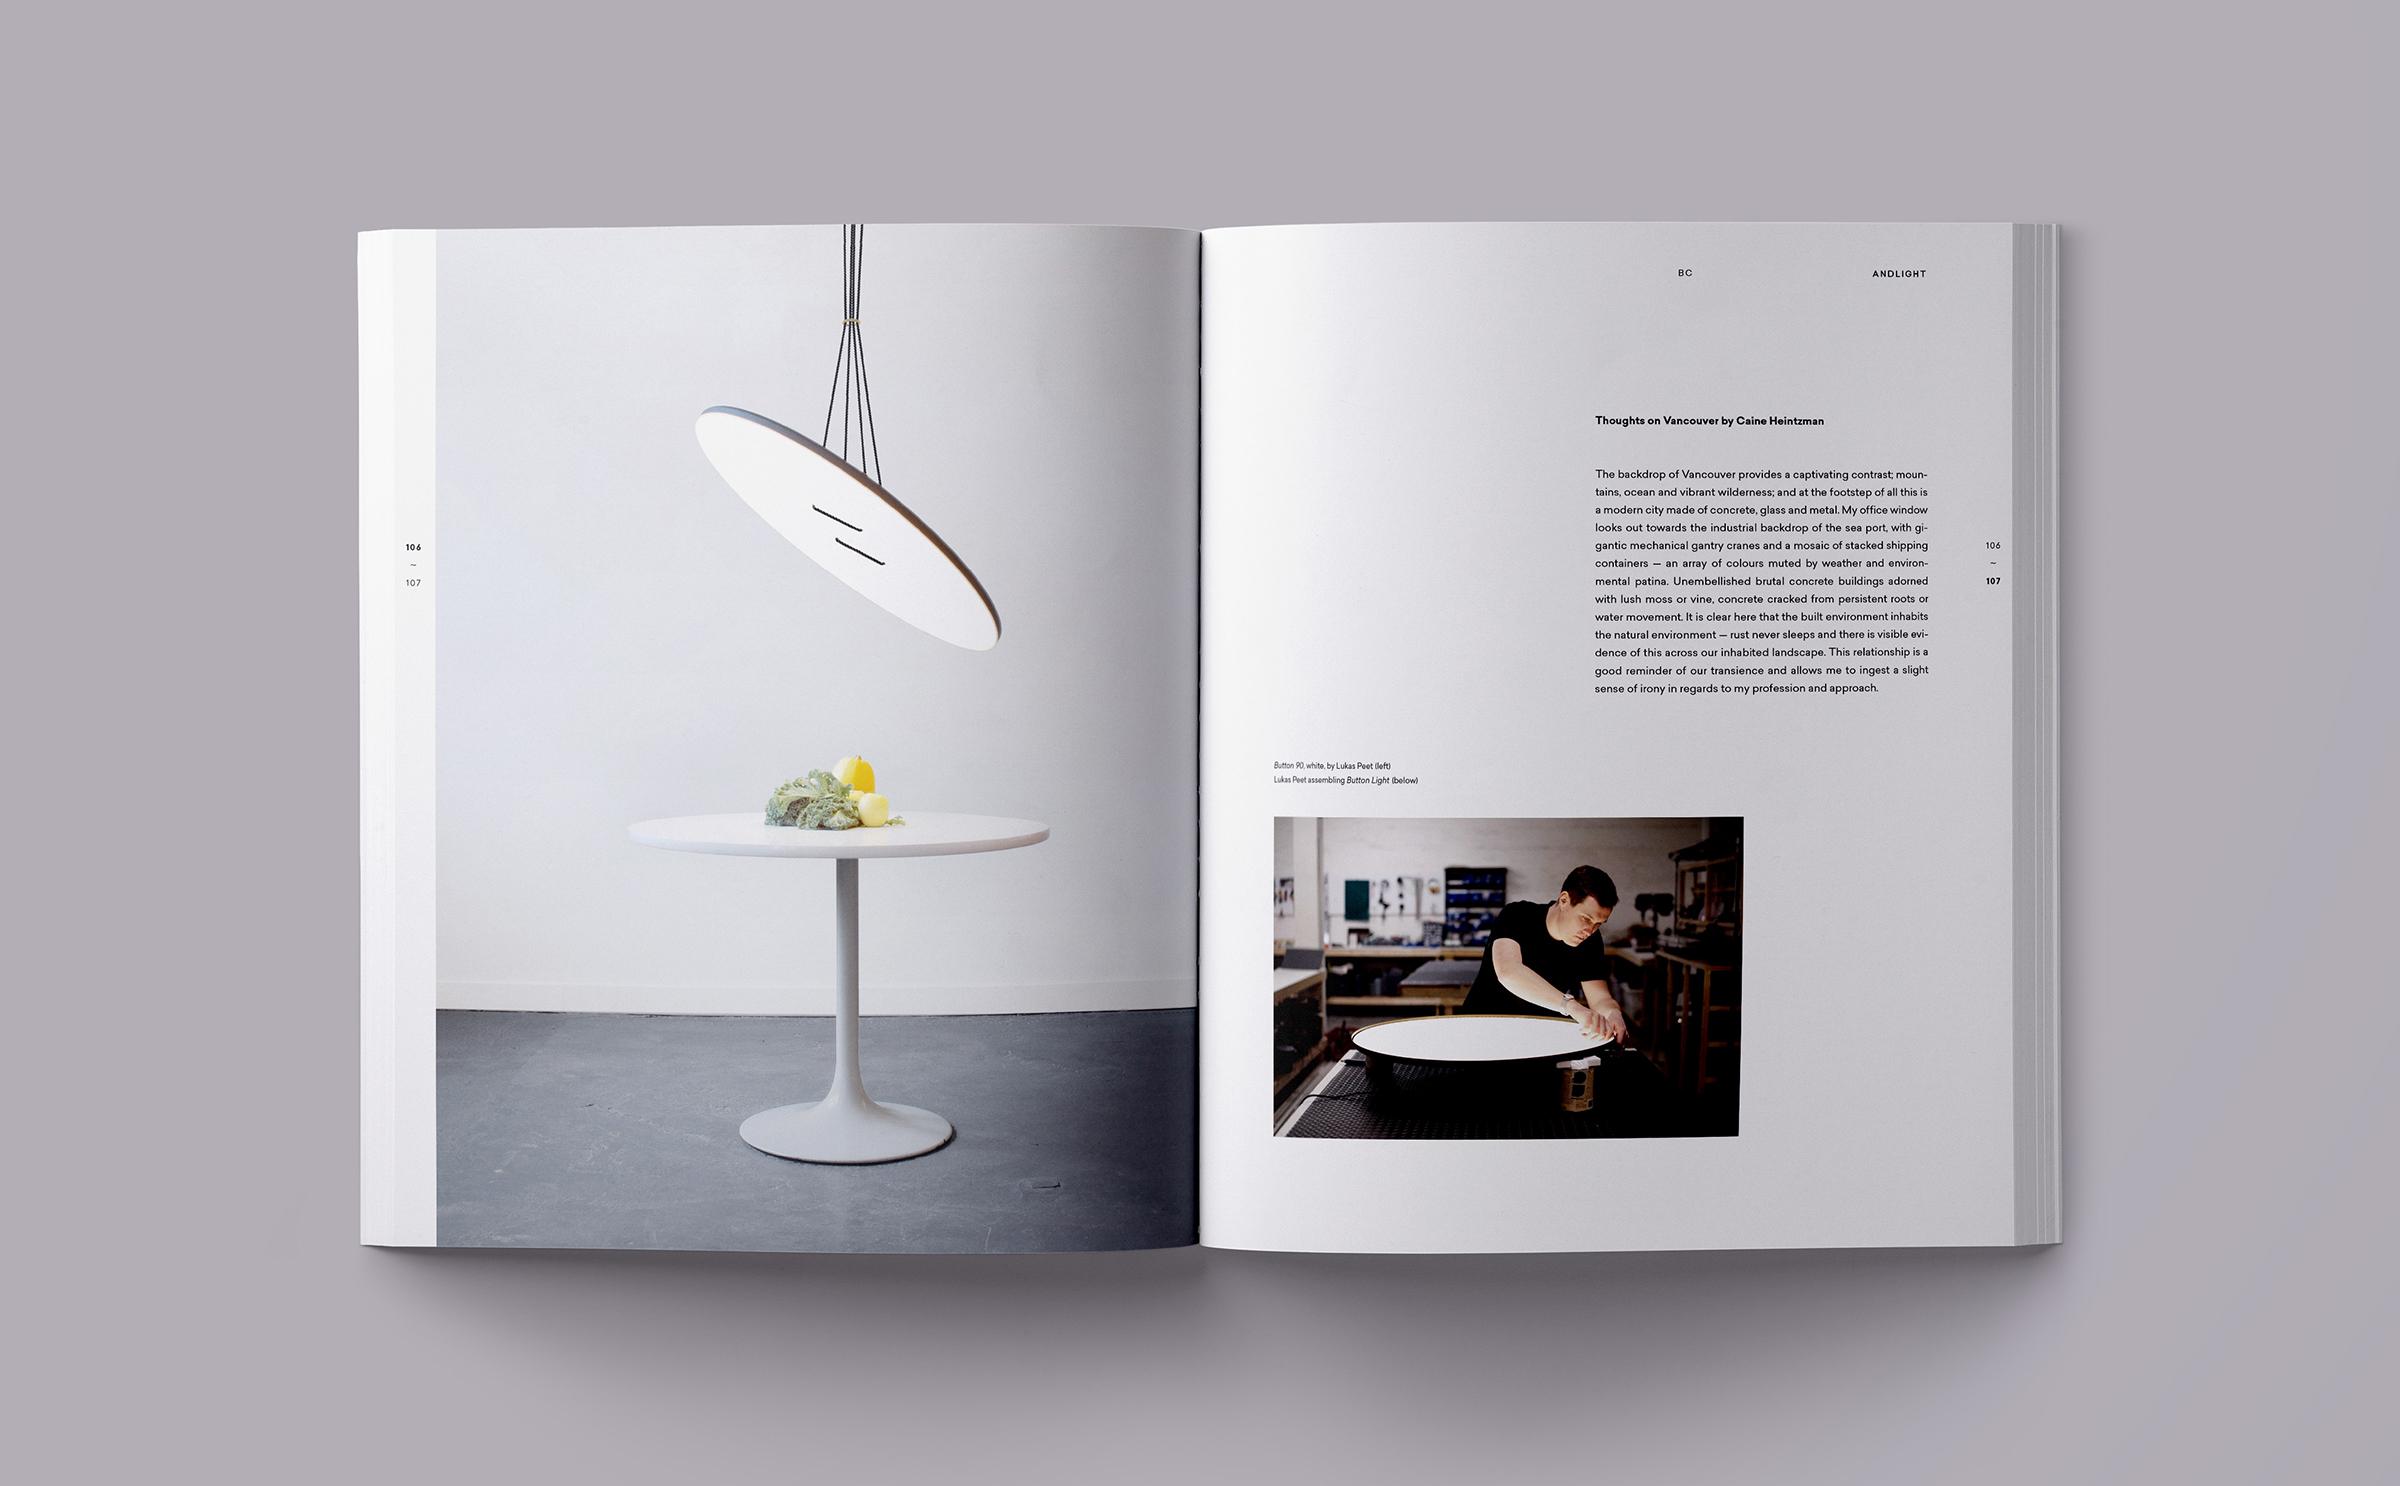 Currents_Pacific-Northwest-Design_IDS_book_daniel-zachrisson_4.jpg